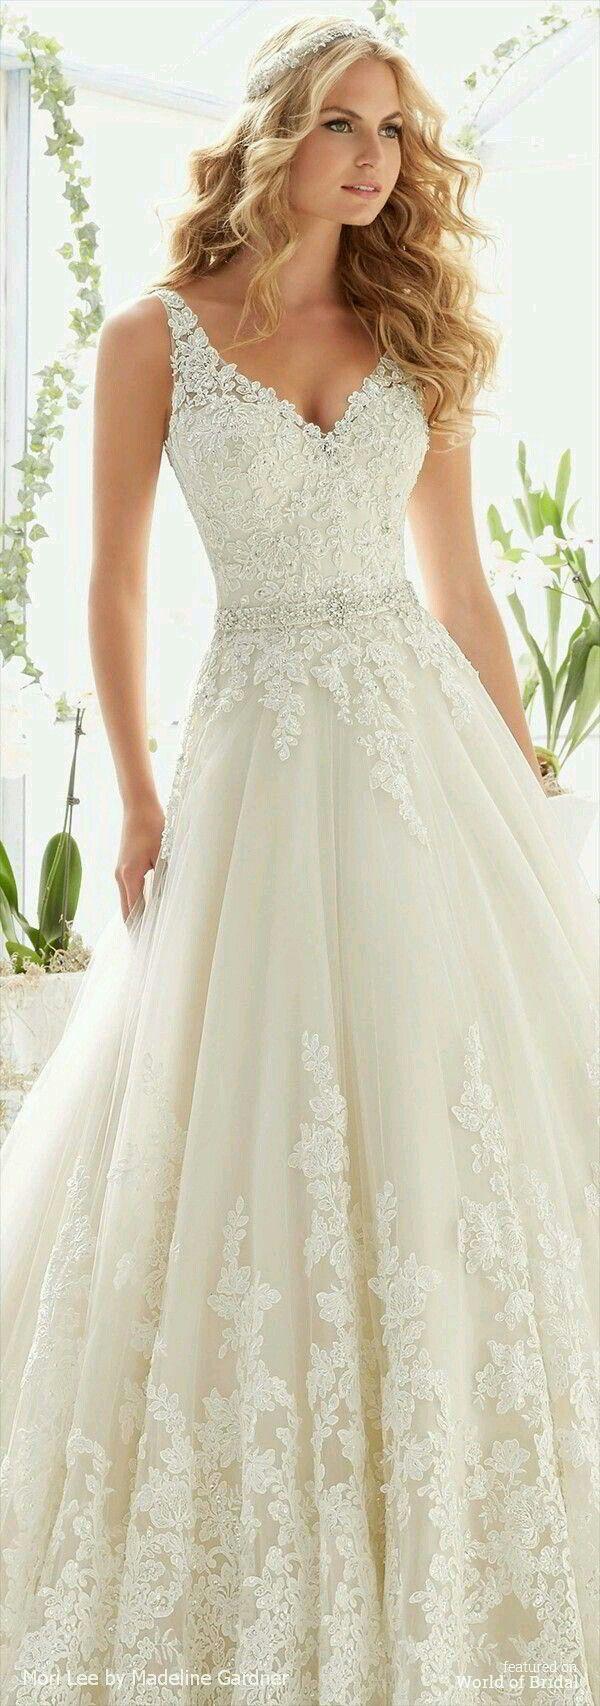 Wedding - Délicat